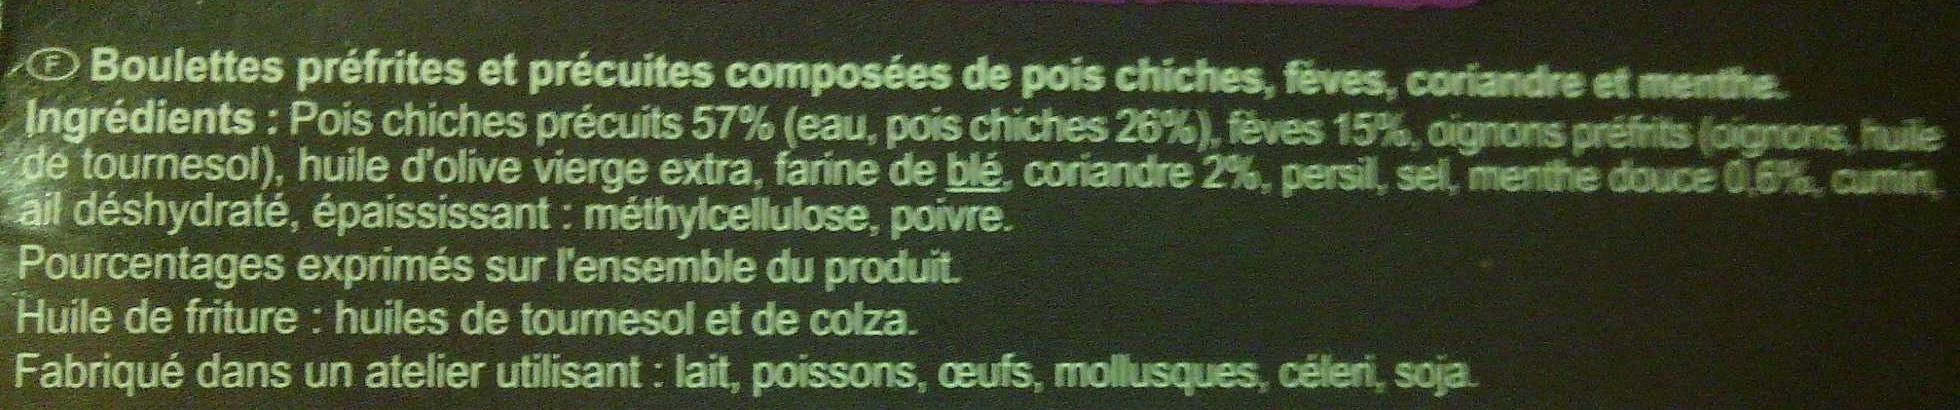 Veggie - Falafels - Garbanzos, habas, hilantro, hierbabuena - Ingredientes